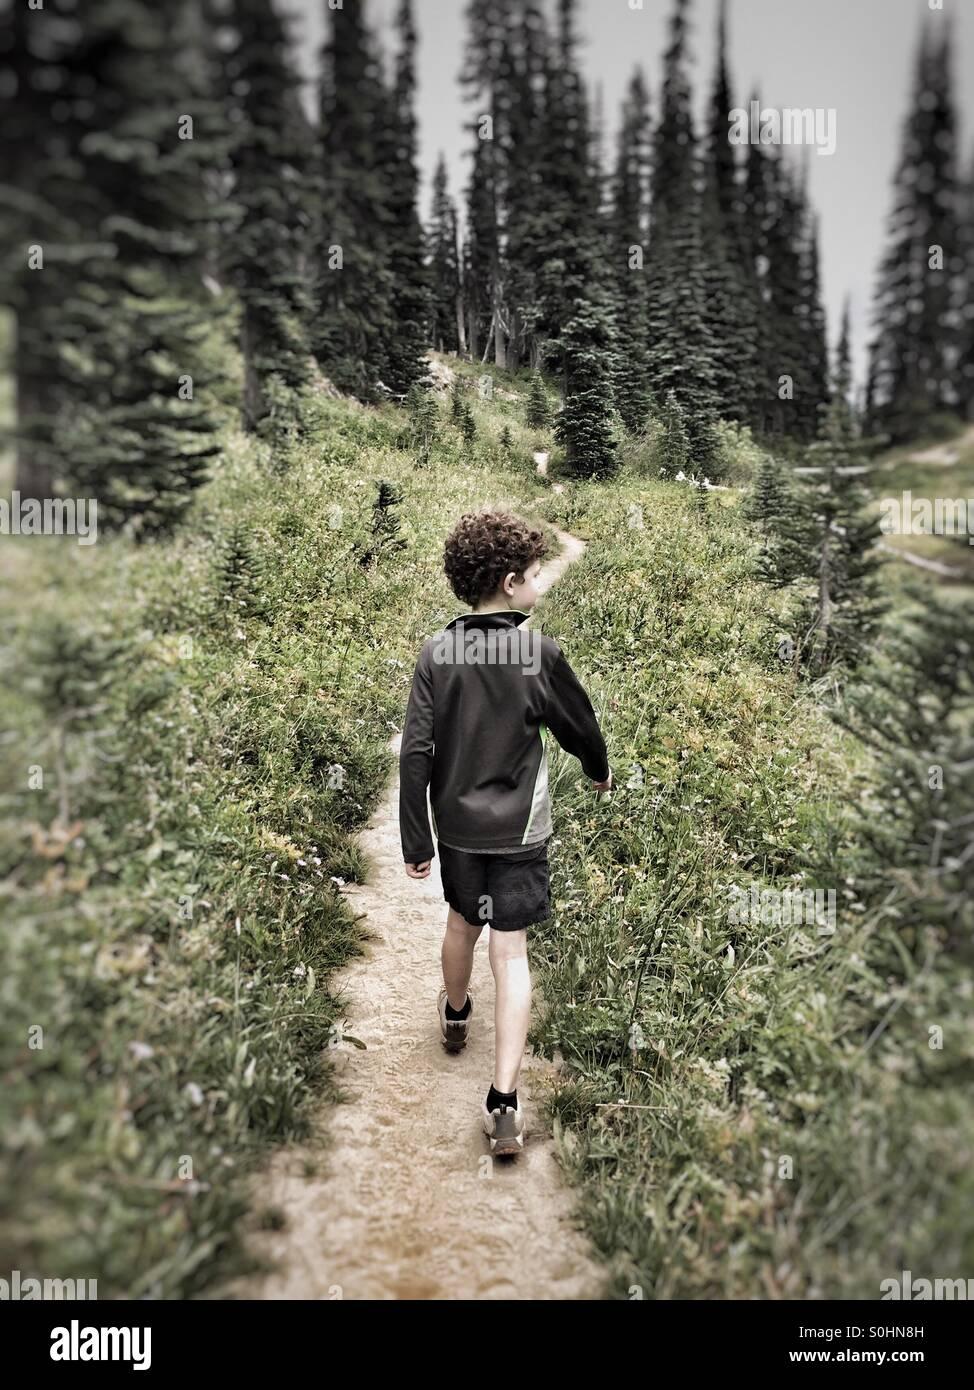 Erkunden den Wald auf dem Pacific Crest Trail in Washington, USA Stockbild